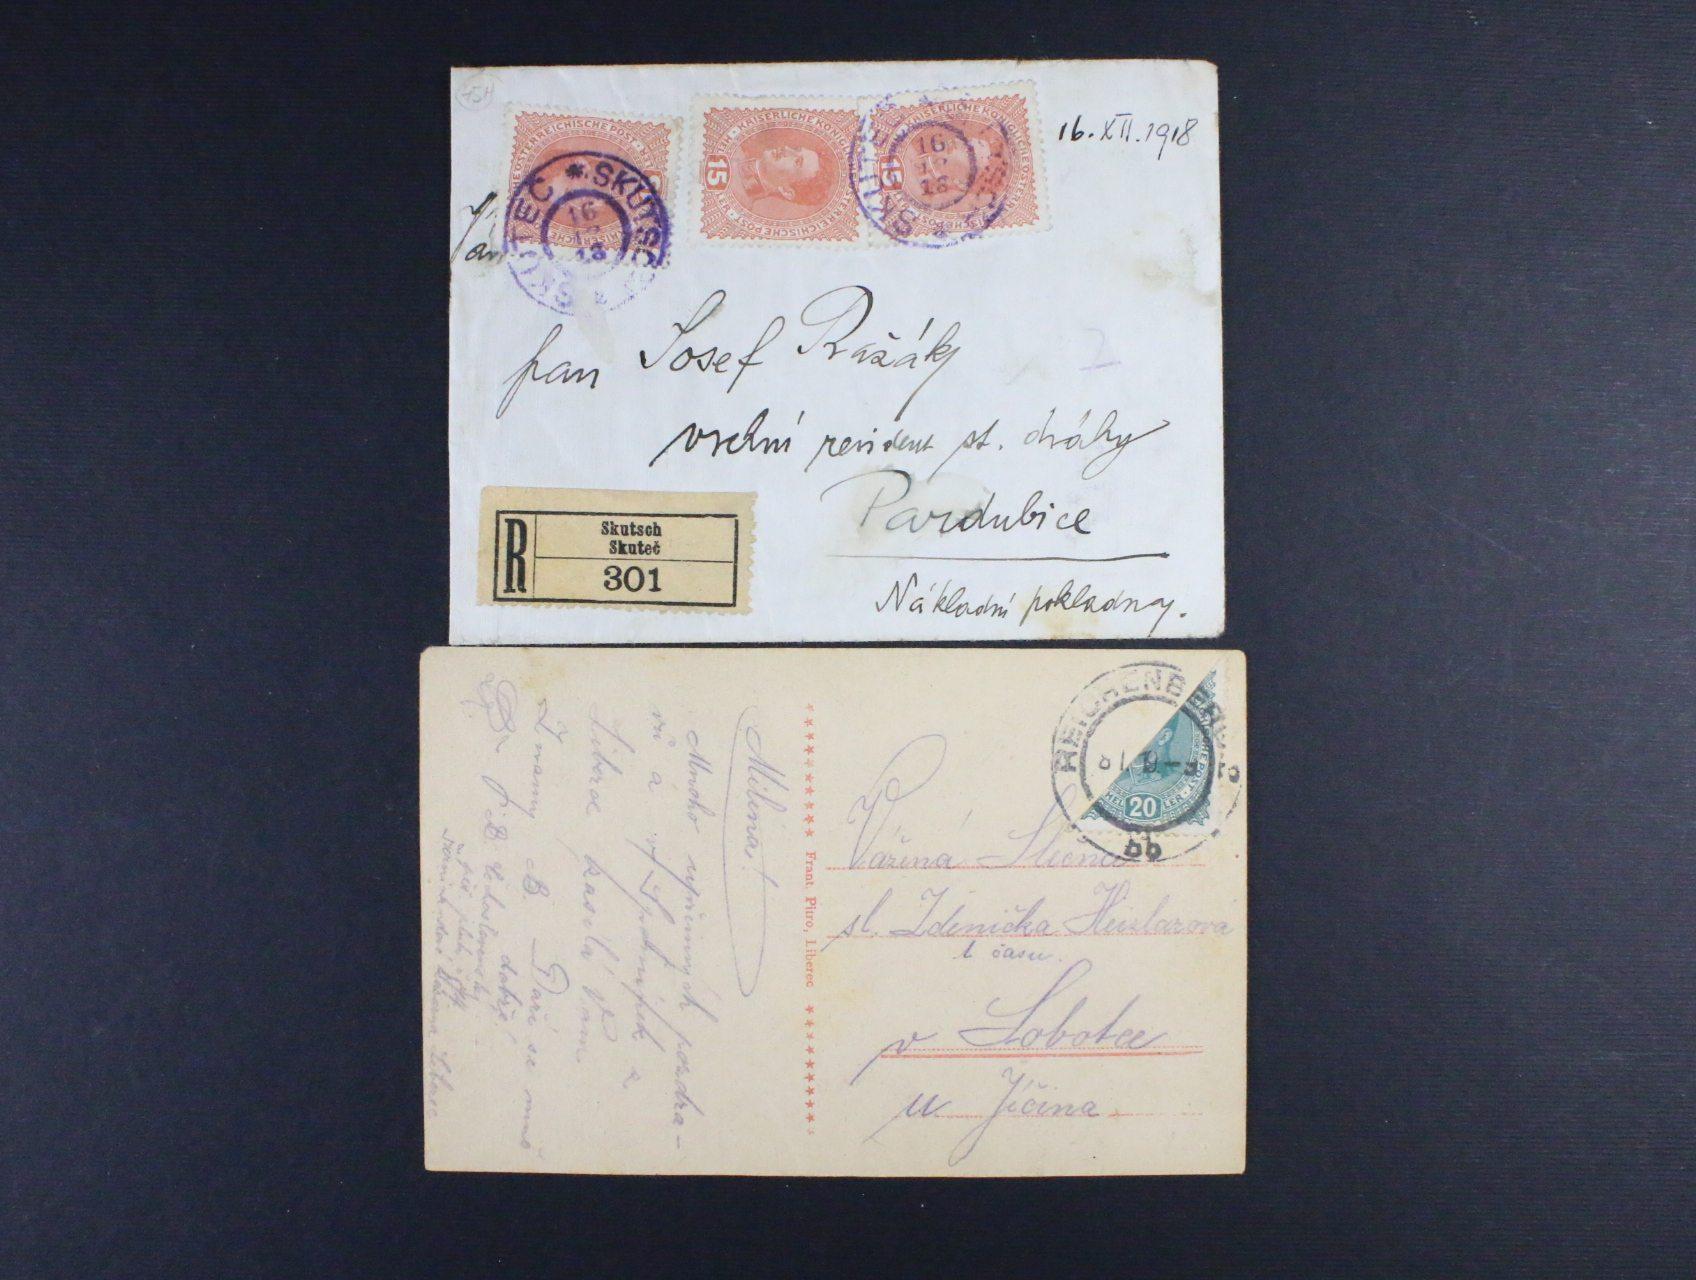 R-dopis do Pardubic frank. zn. Mi. č. 221 (3x), pod. raz. SKUTEČ 16.12.18 + pohlednice frank. příčně půlenou zn. Mi. č. 222, pod. raz. REICHENBERG 8.1.19